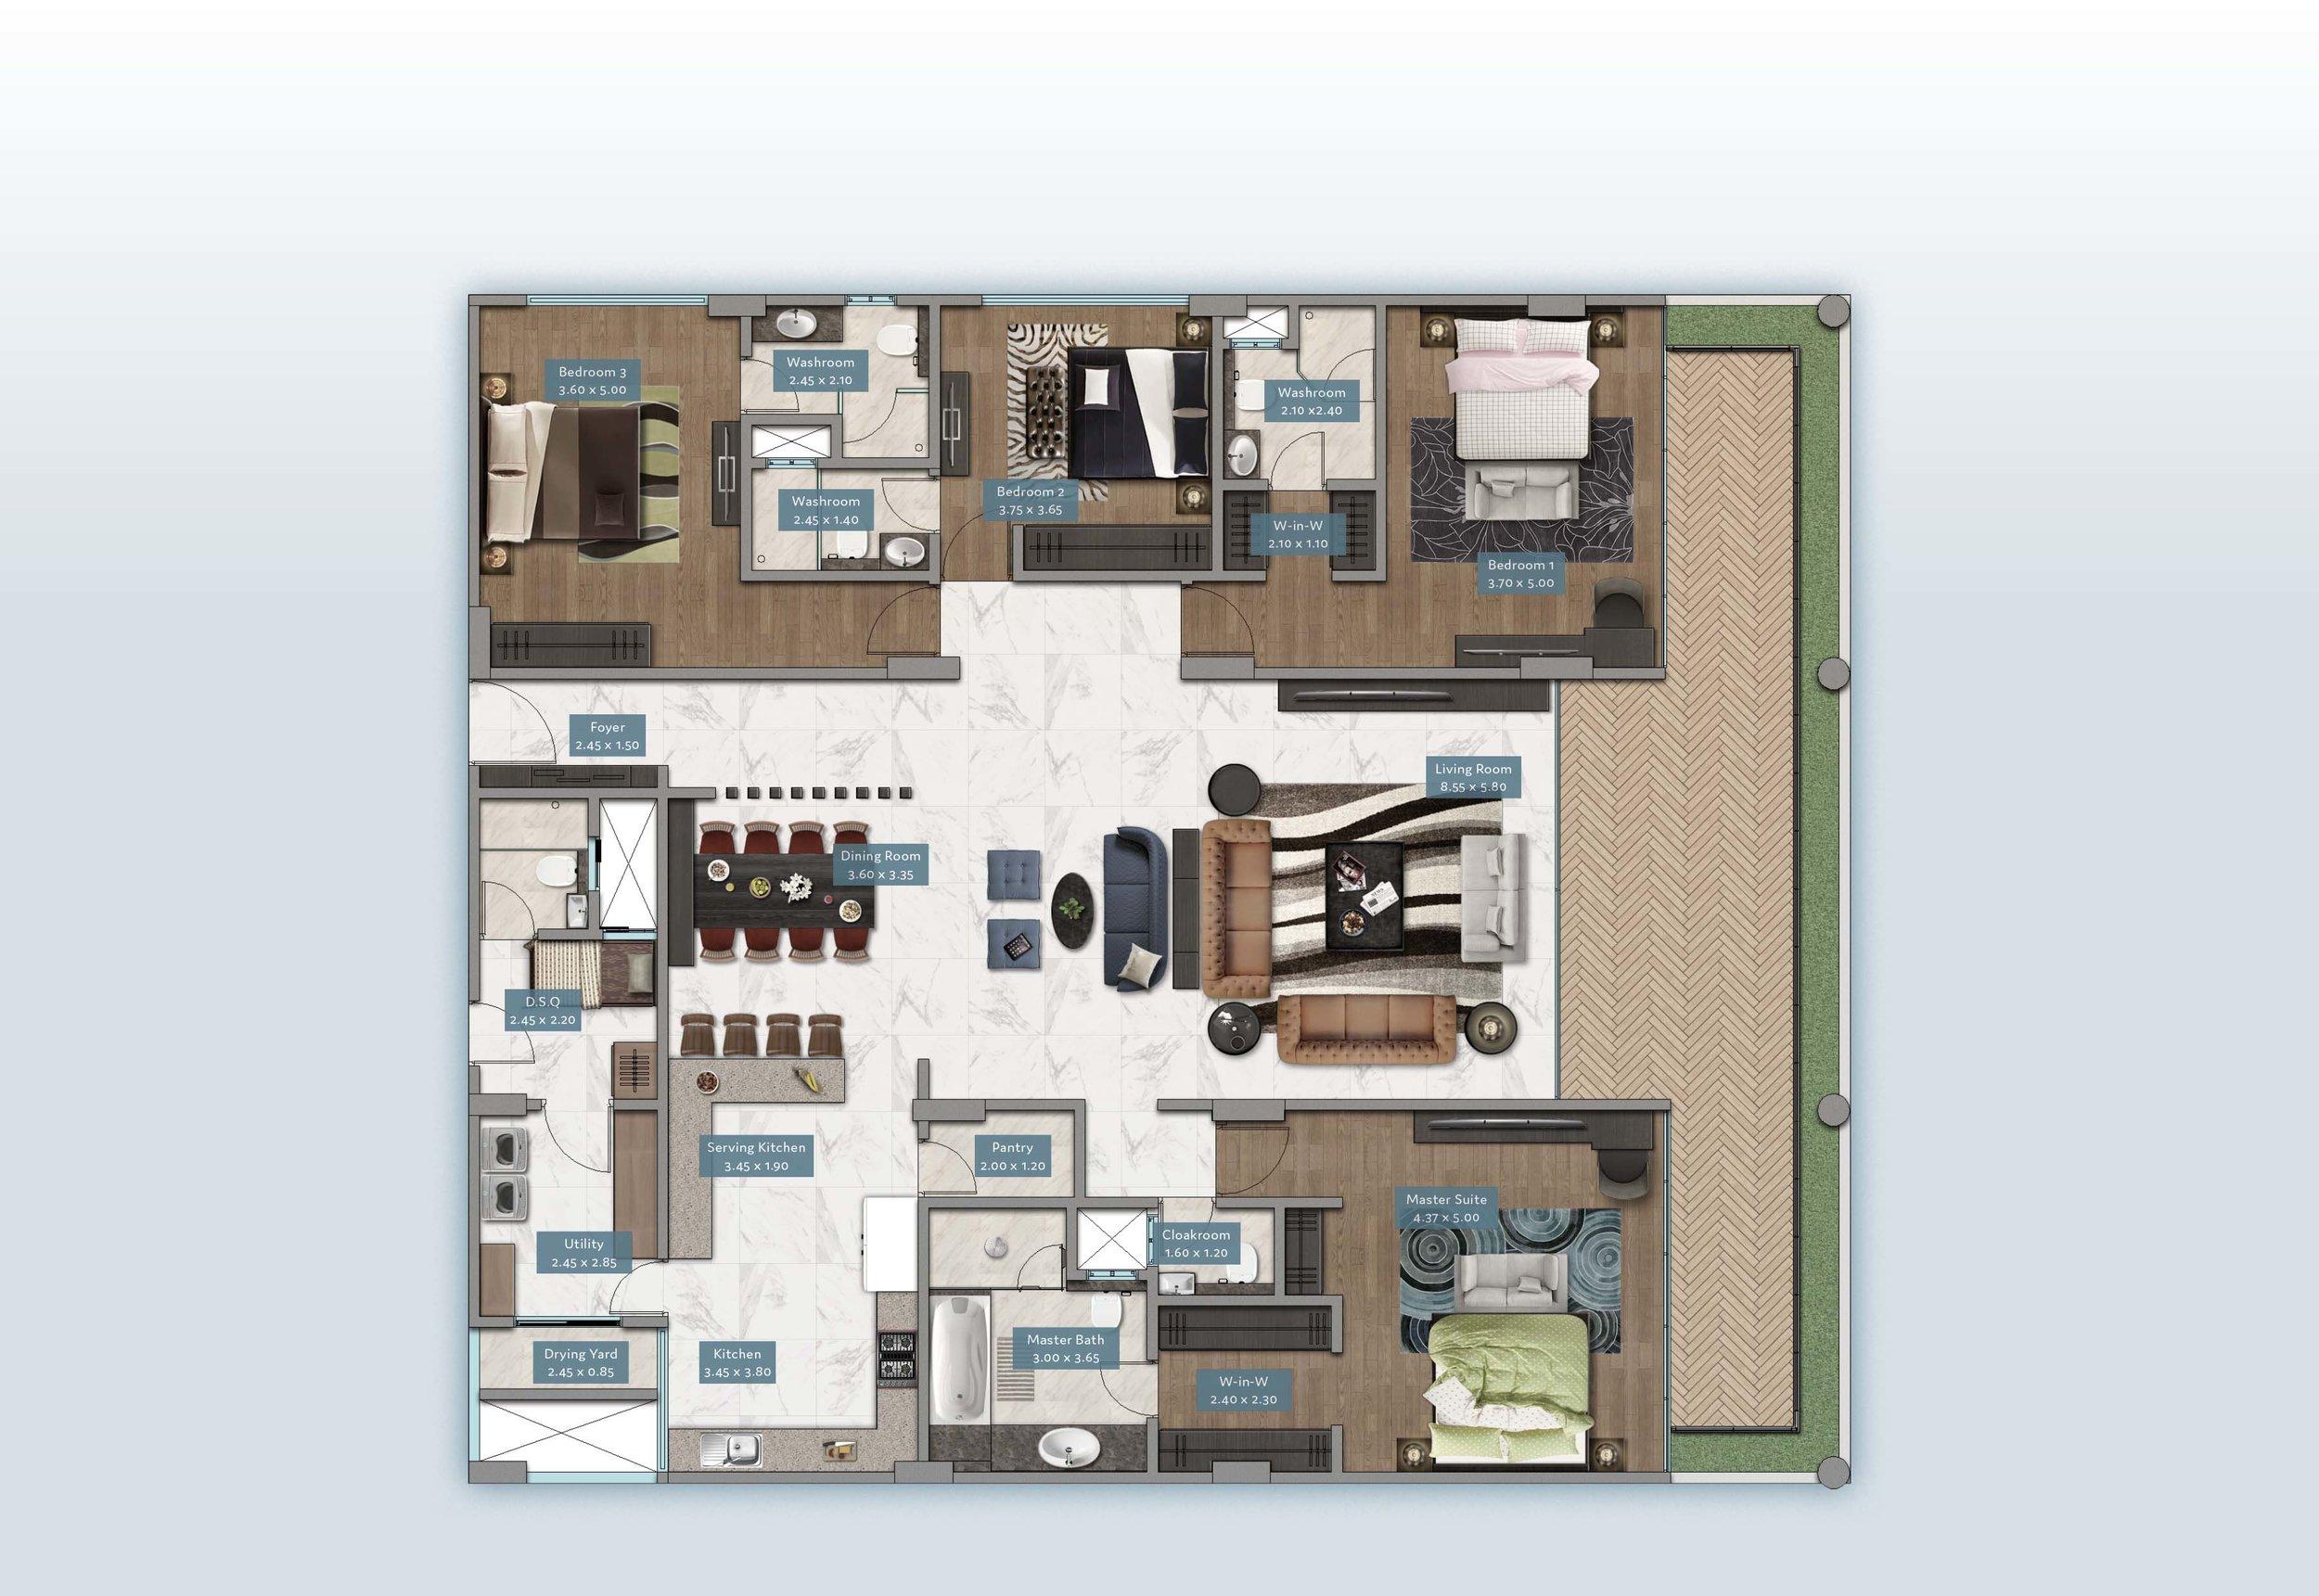 Kyuna View Home   Floorplan   No. 2 & 5